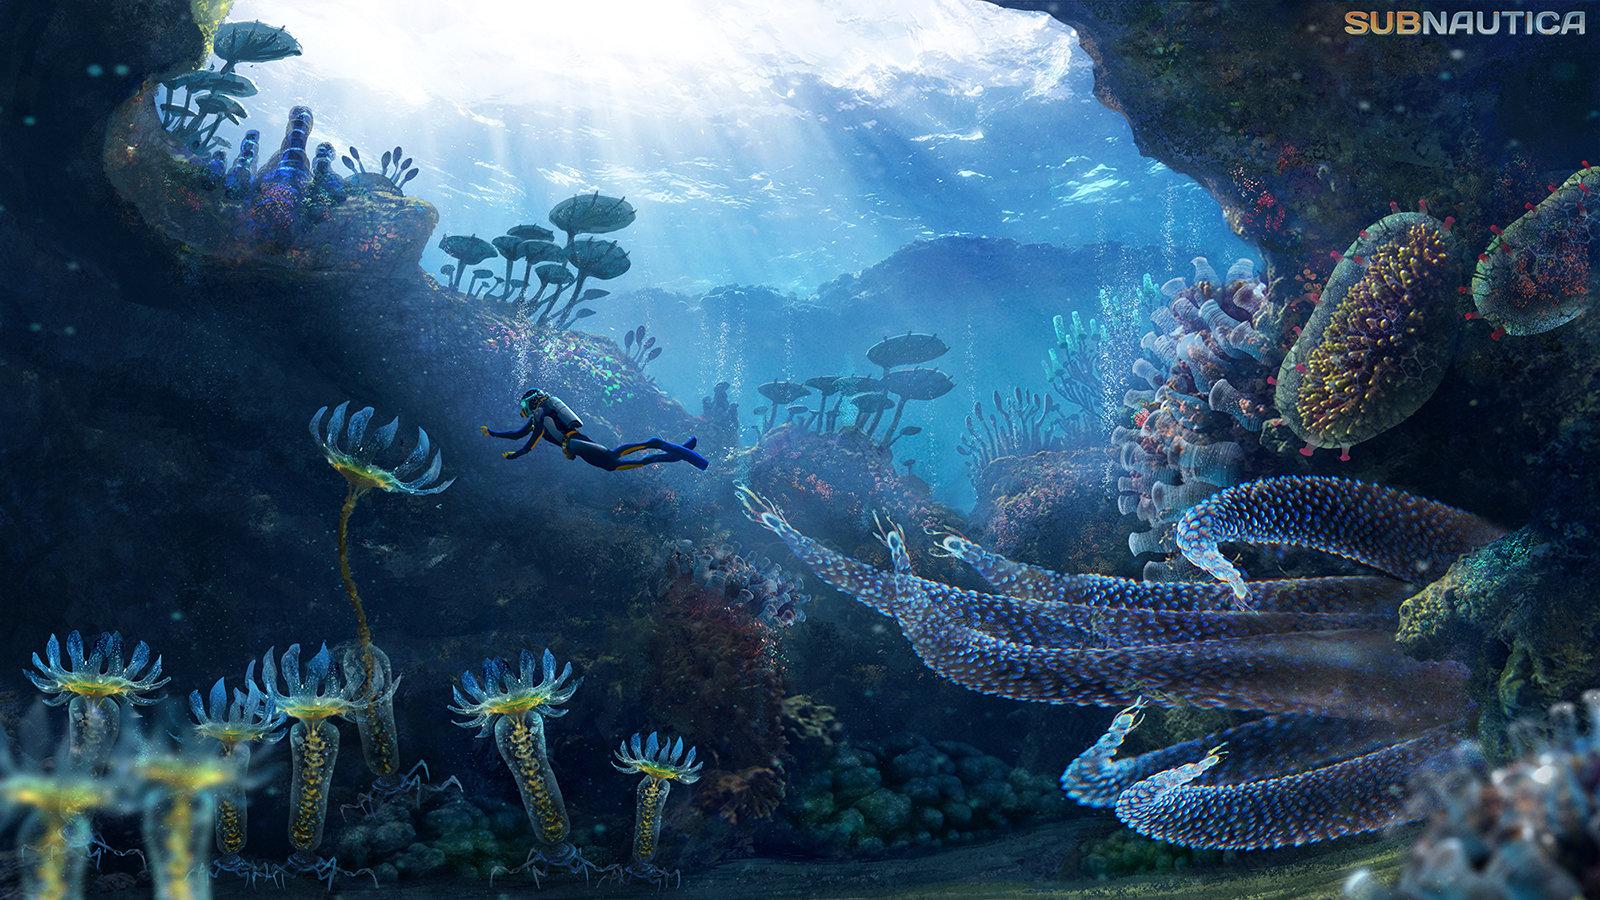 Pat presley patpresley subnautica coralcove